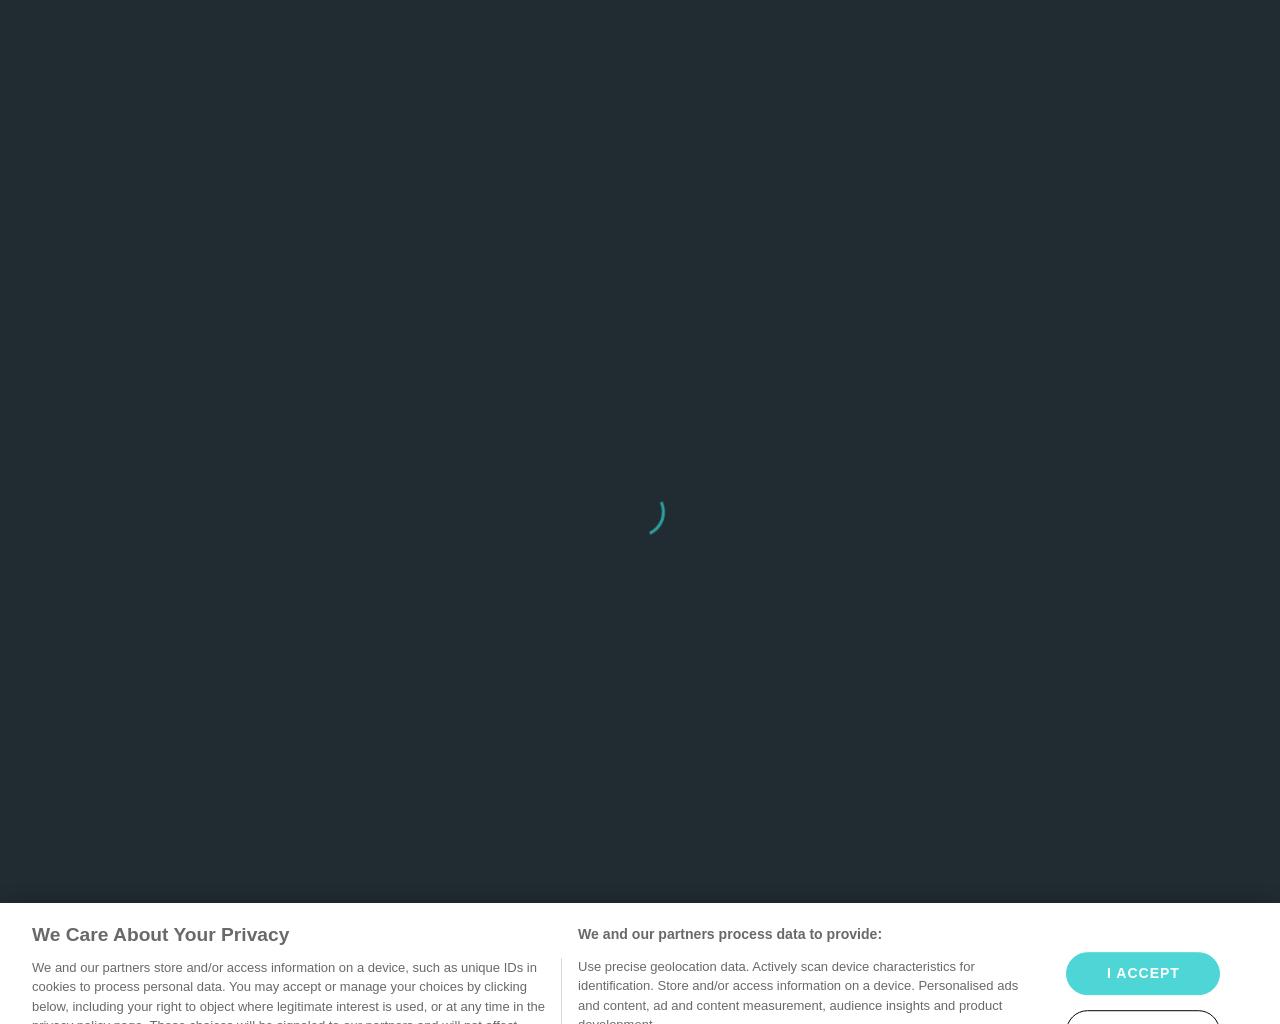 St. Mary's College Prospectus 2021